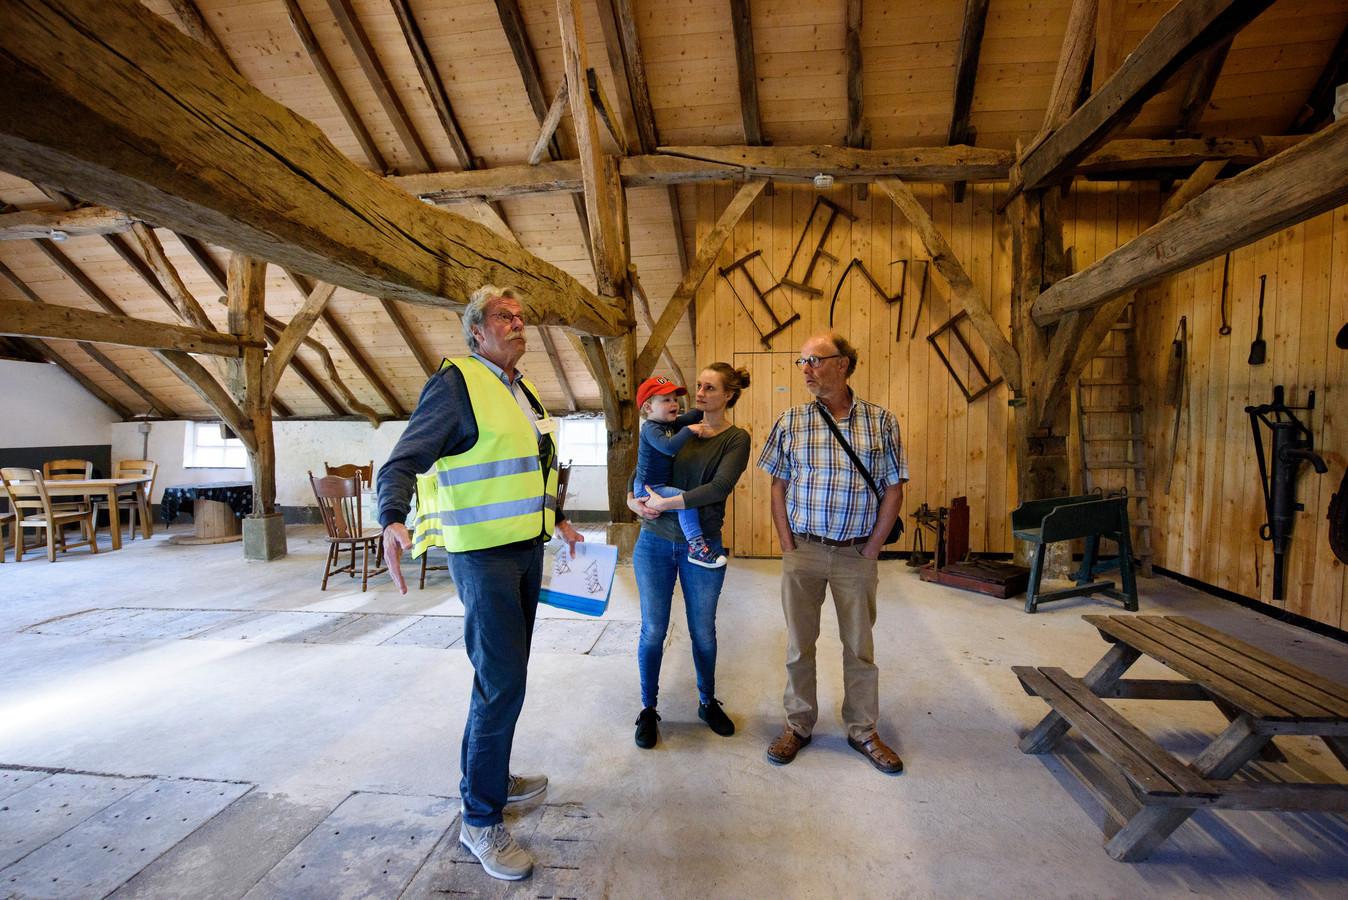 BEST - Anne Montulet met haar zoontje Daan en haar vader Frank in rijksmonument de Armenhoef in Best, waar ze gisteren (zo) uitleg kregen van vrijwilliger Jan van Ham van heemkundekring Dye van Best.